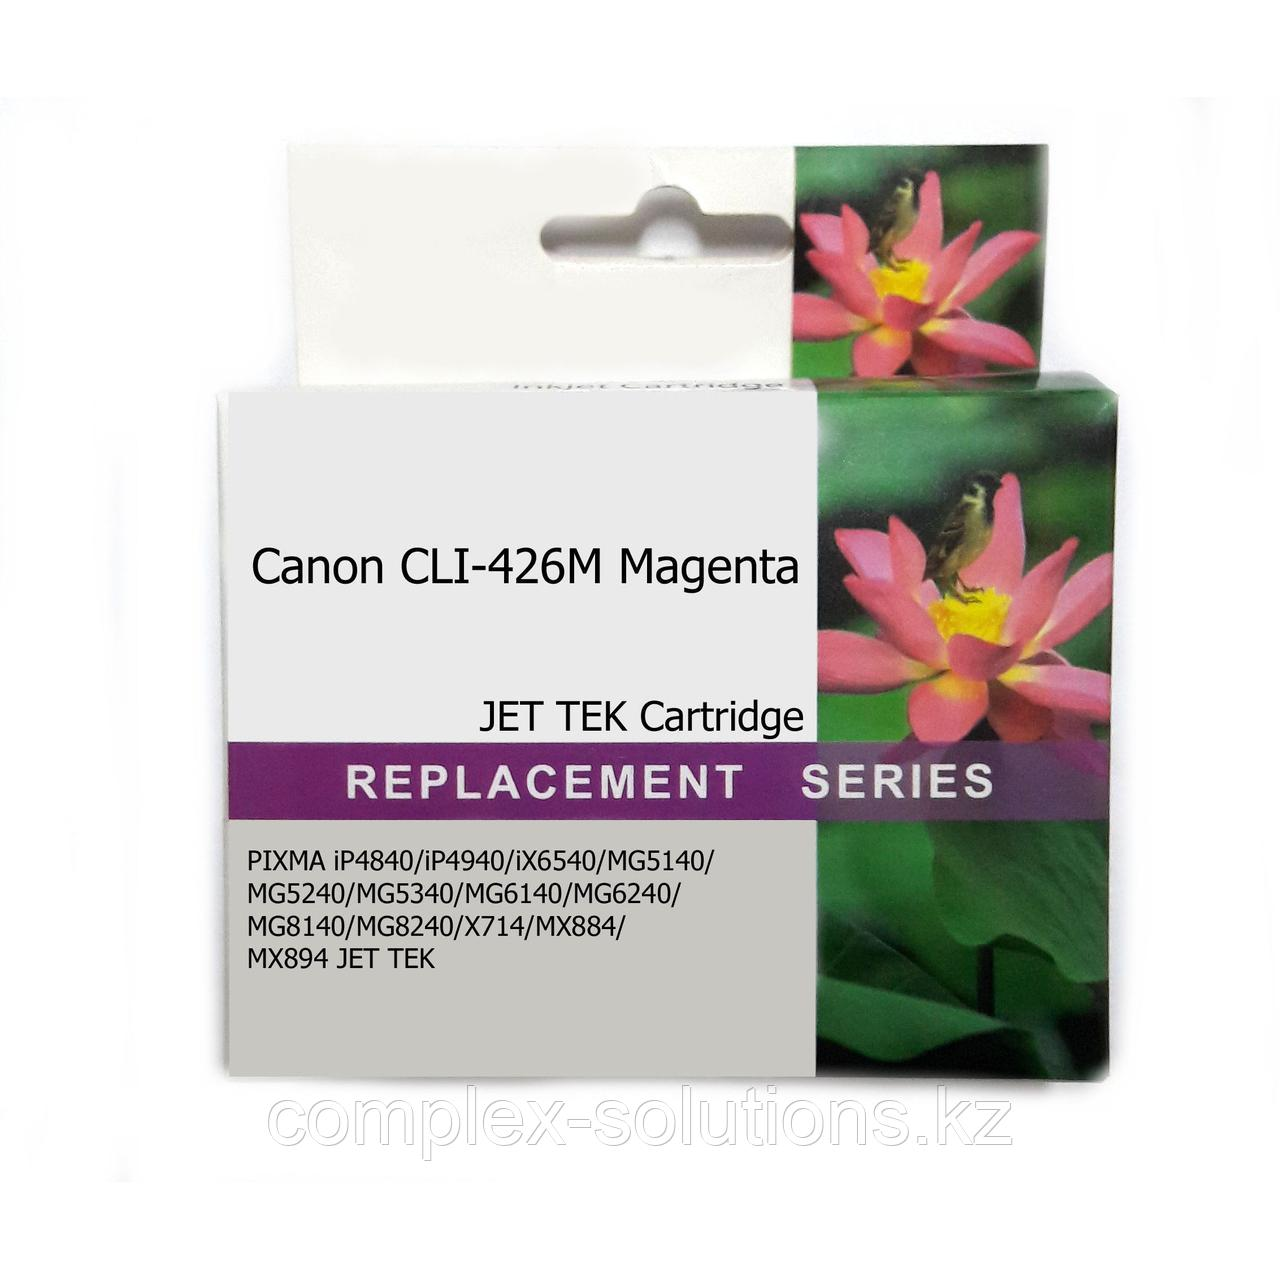 Картридж CANON CLI-426M Magenta JET TEK | [качественный дубликат]